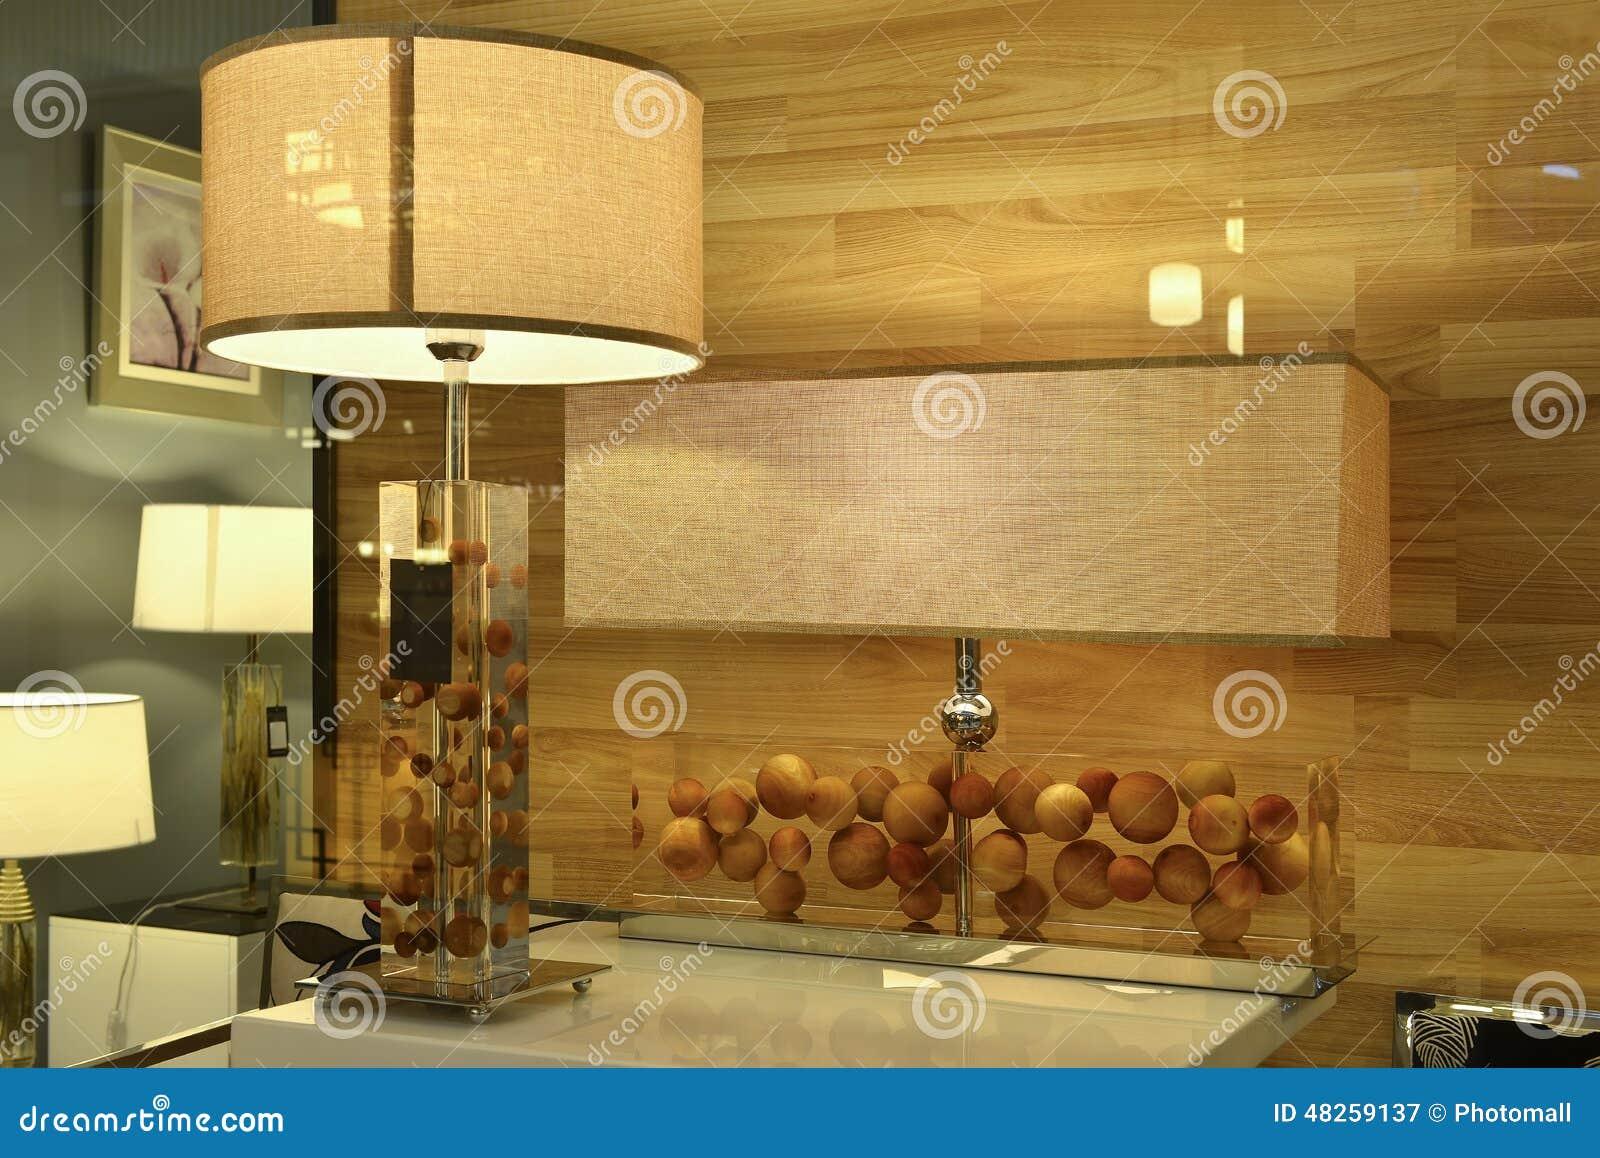 desk lamp royalty free stock image. Black Bedroom Furniture Sets. Home Design Ideas